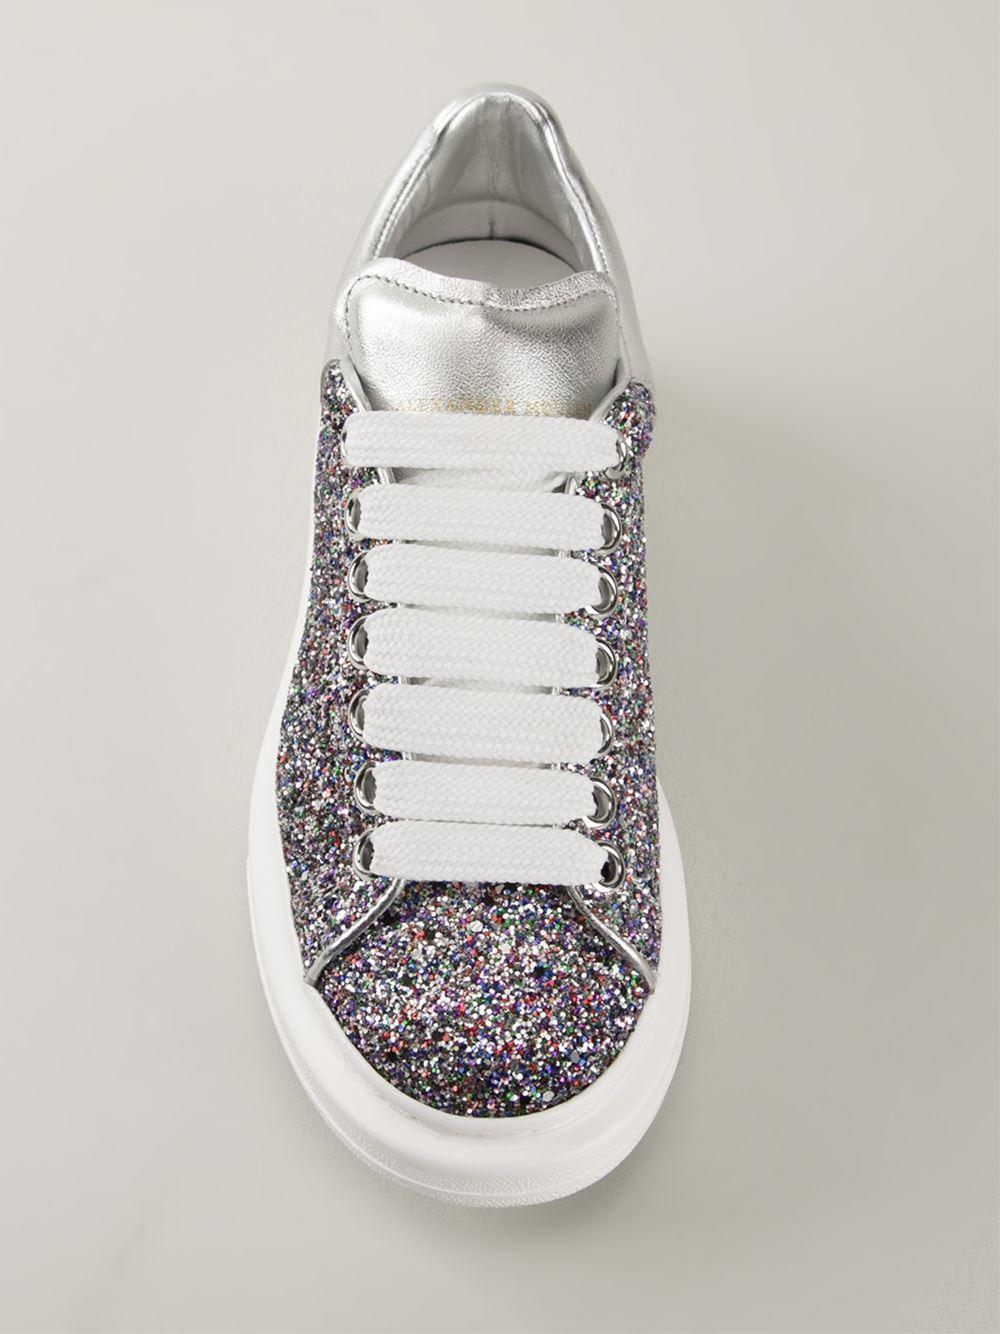 Alexander McQueen Sparkle Sneakers - Lyst